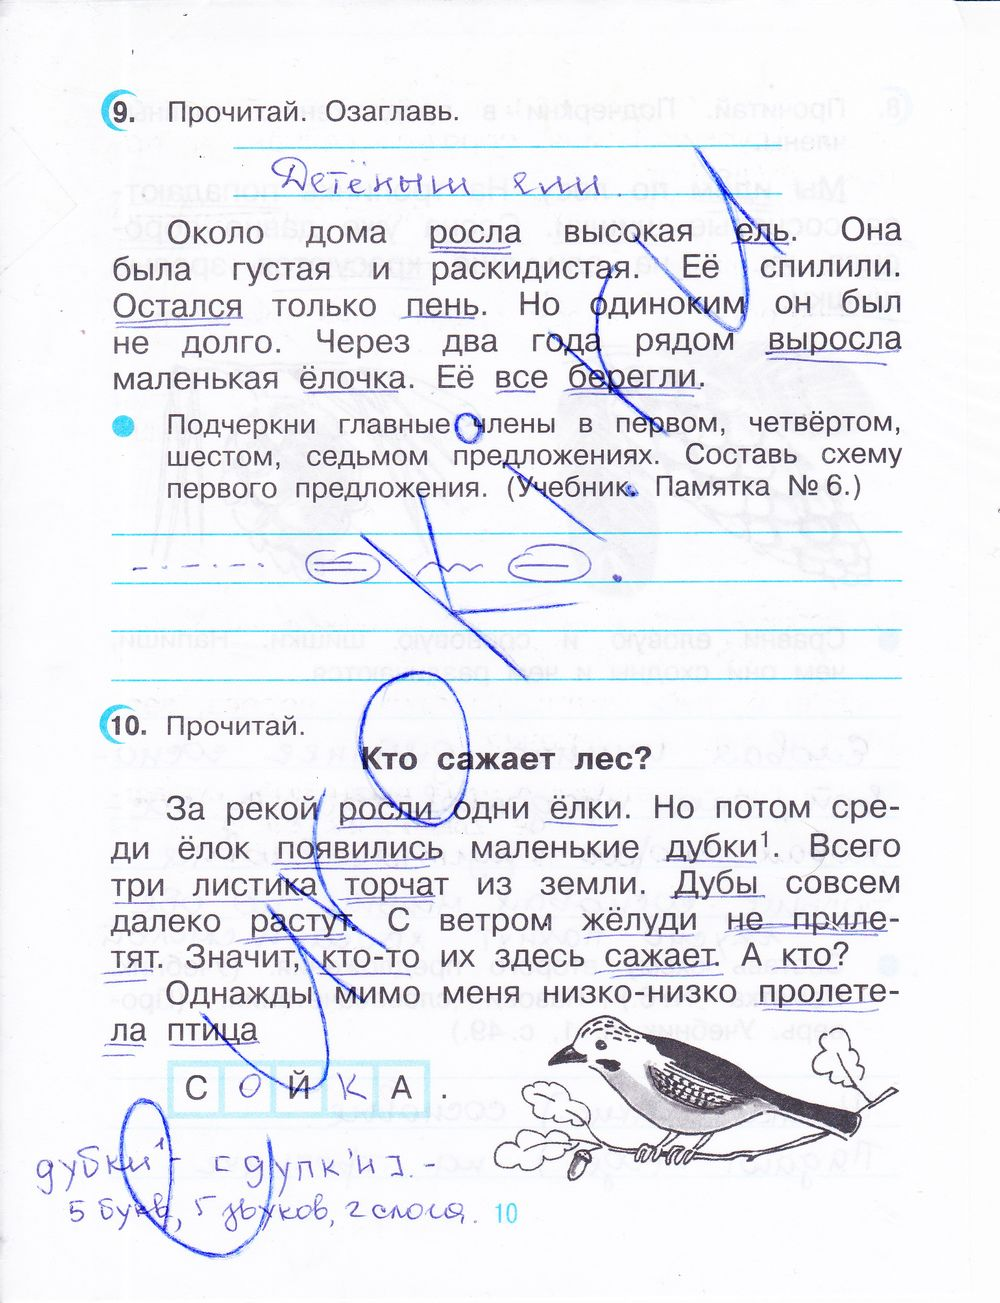 Готовые домашние задания по русскому языку 3 класс рамзаева к рабочей тетради